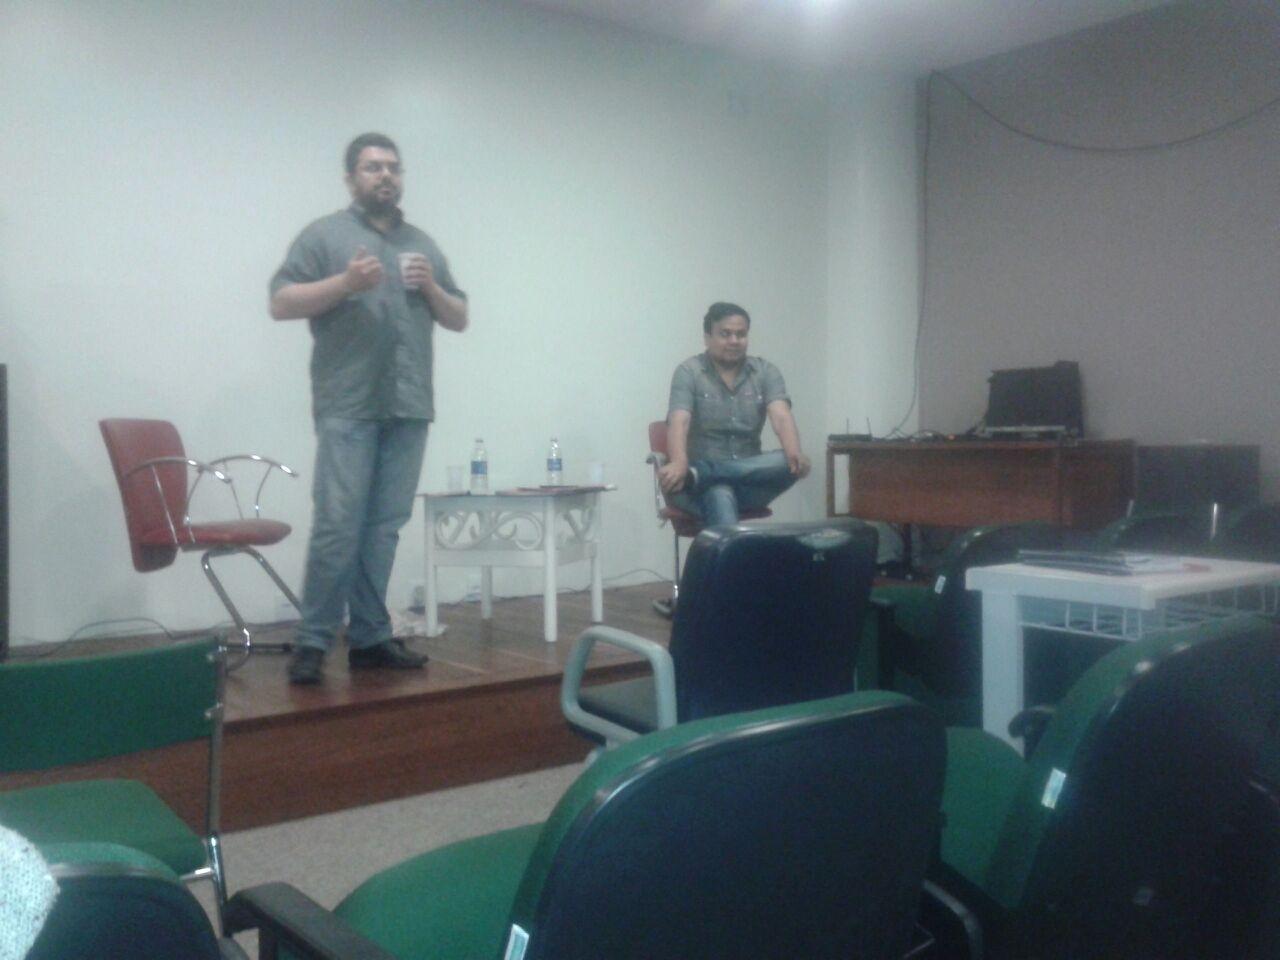 foto-2-guilherme-brandt-de-oliveira-falando-a-comunidade-do-campus-poa